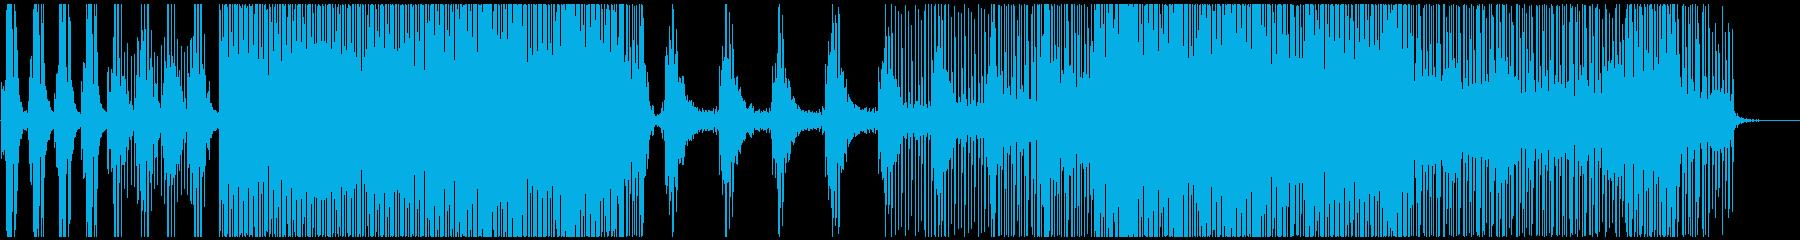 切なくピアノが響くプログレッシブハウスの再生済みの波形